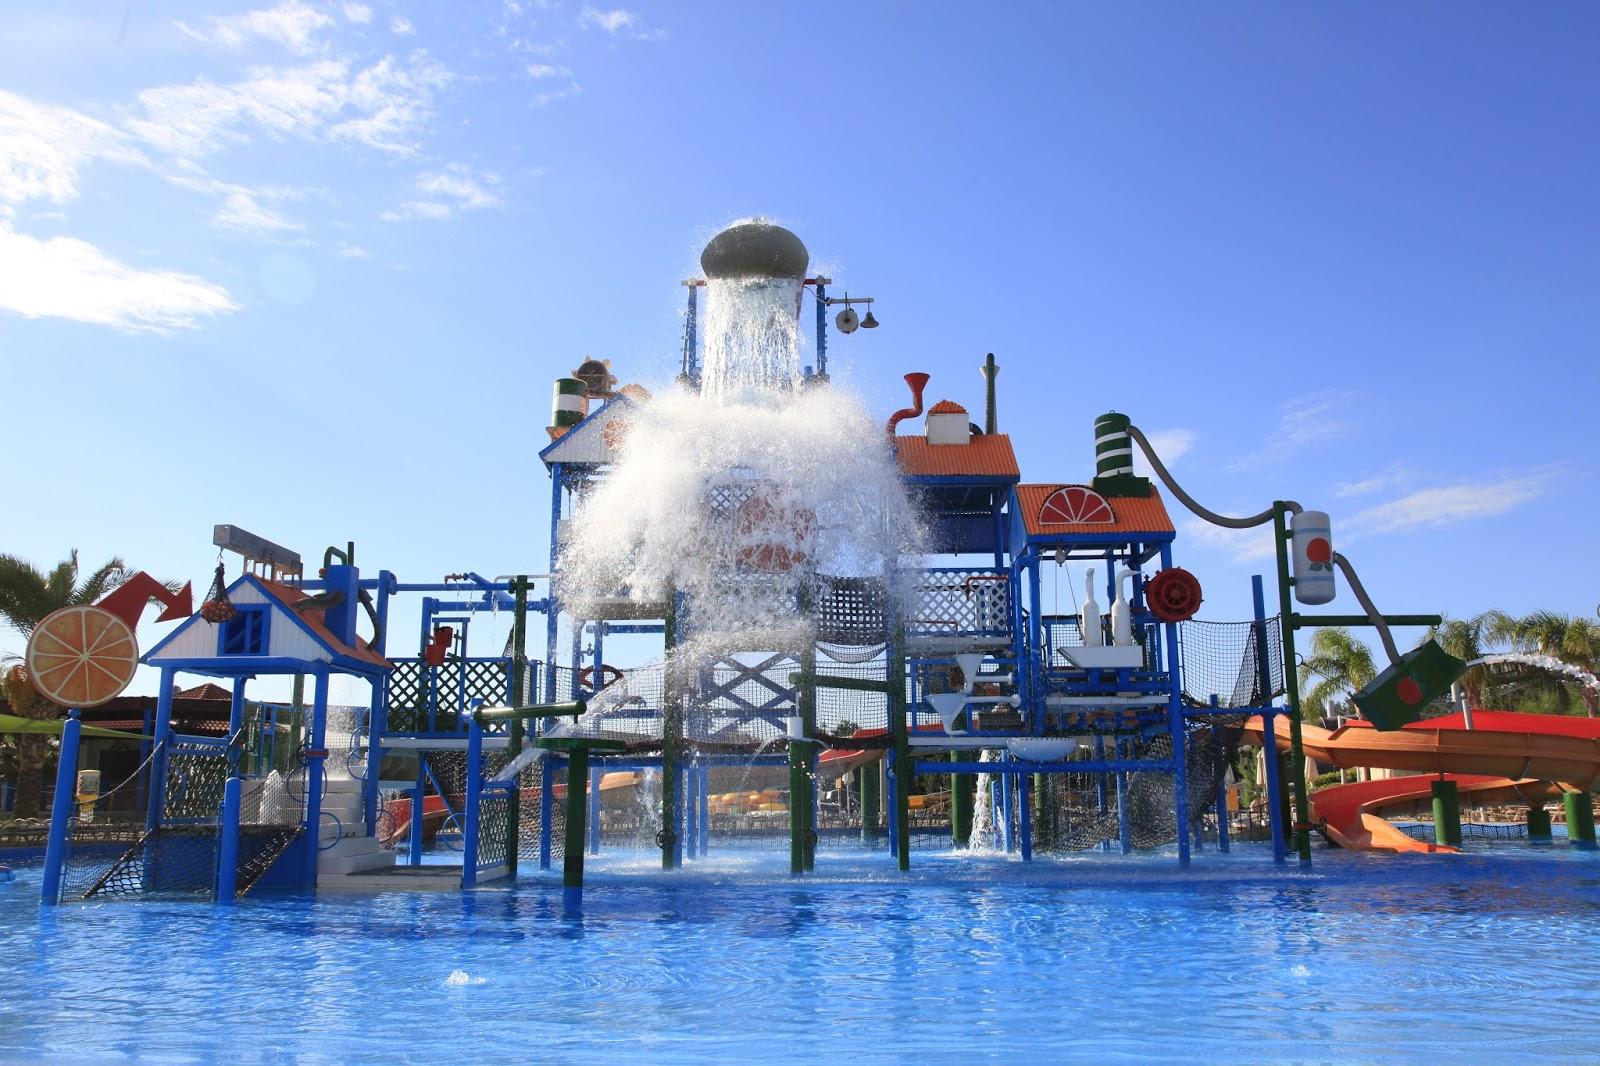 الملاهي المائية فاسوري ووتر مانيا Fassouri Water Park Limassol